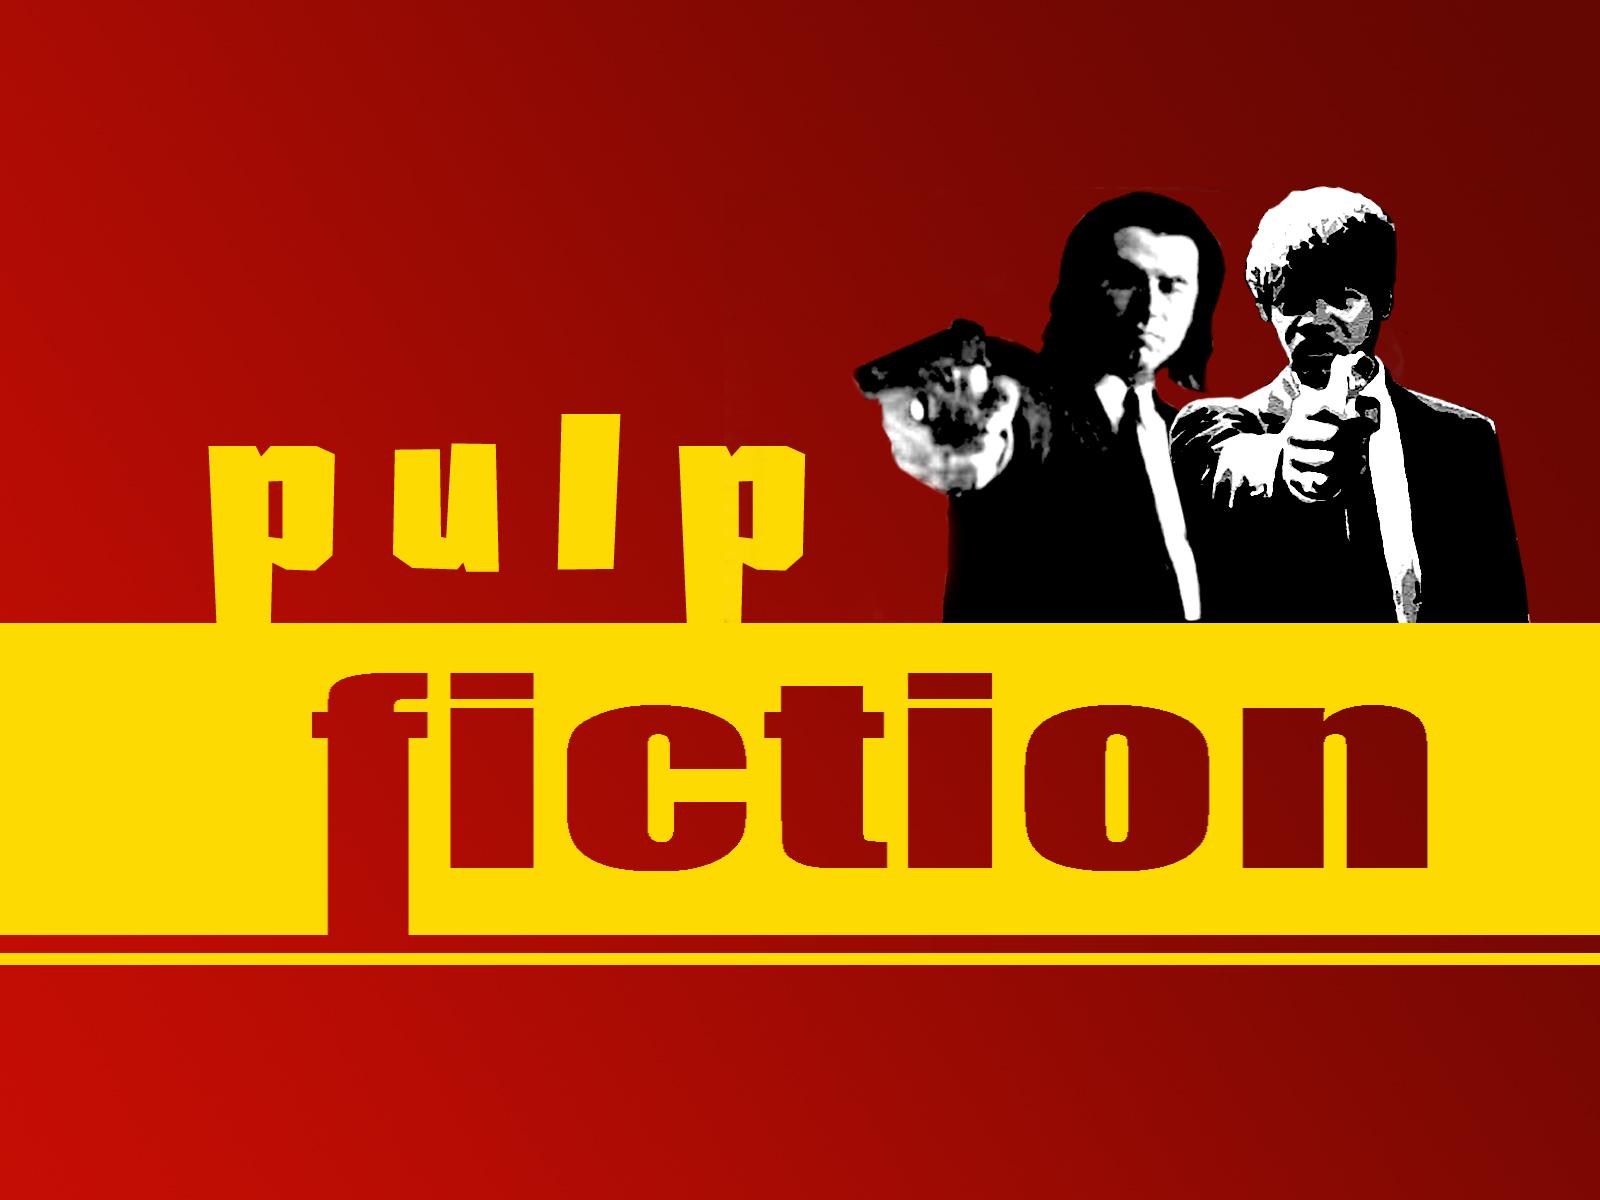 http://3.bp.blogspot.com/-BDG4o9VPb9M/US9f3BnmnvI/AAAAAAAALFA/rduBXjBsYG0/s1600/pulp_fiction_wallpaper_3-normal.jpg